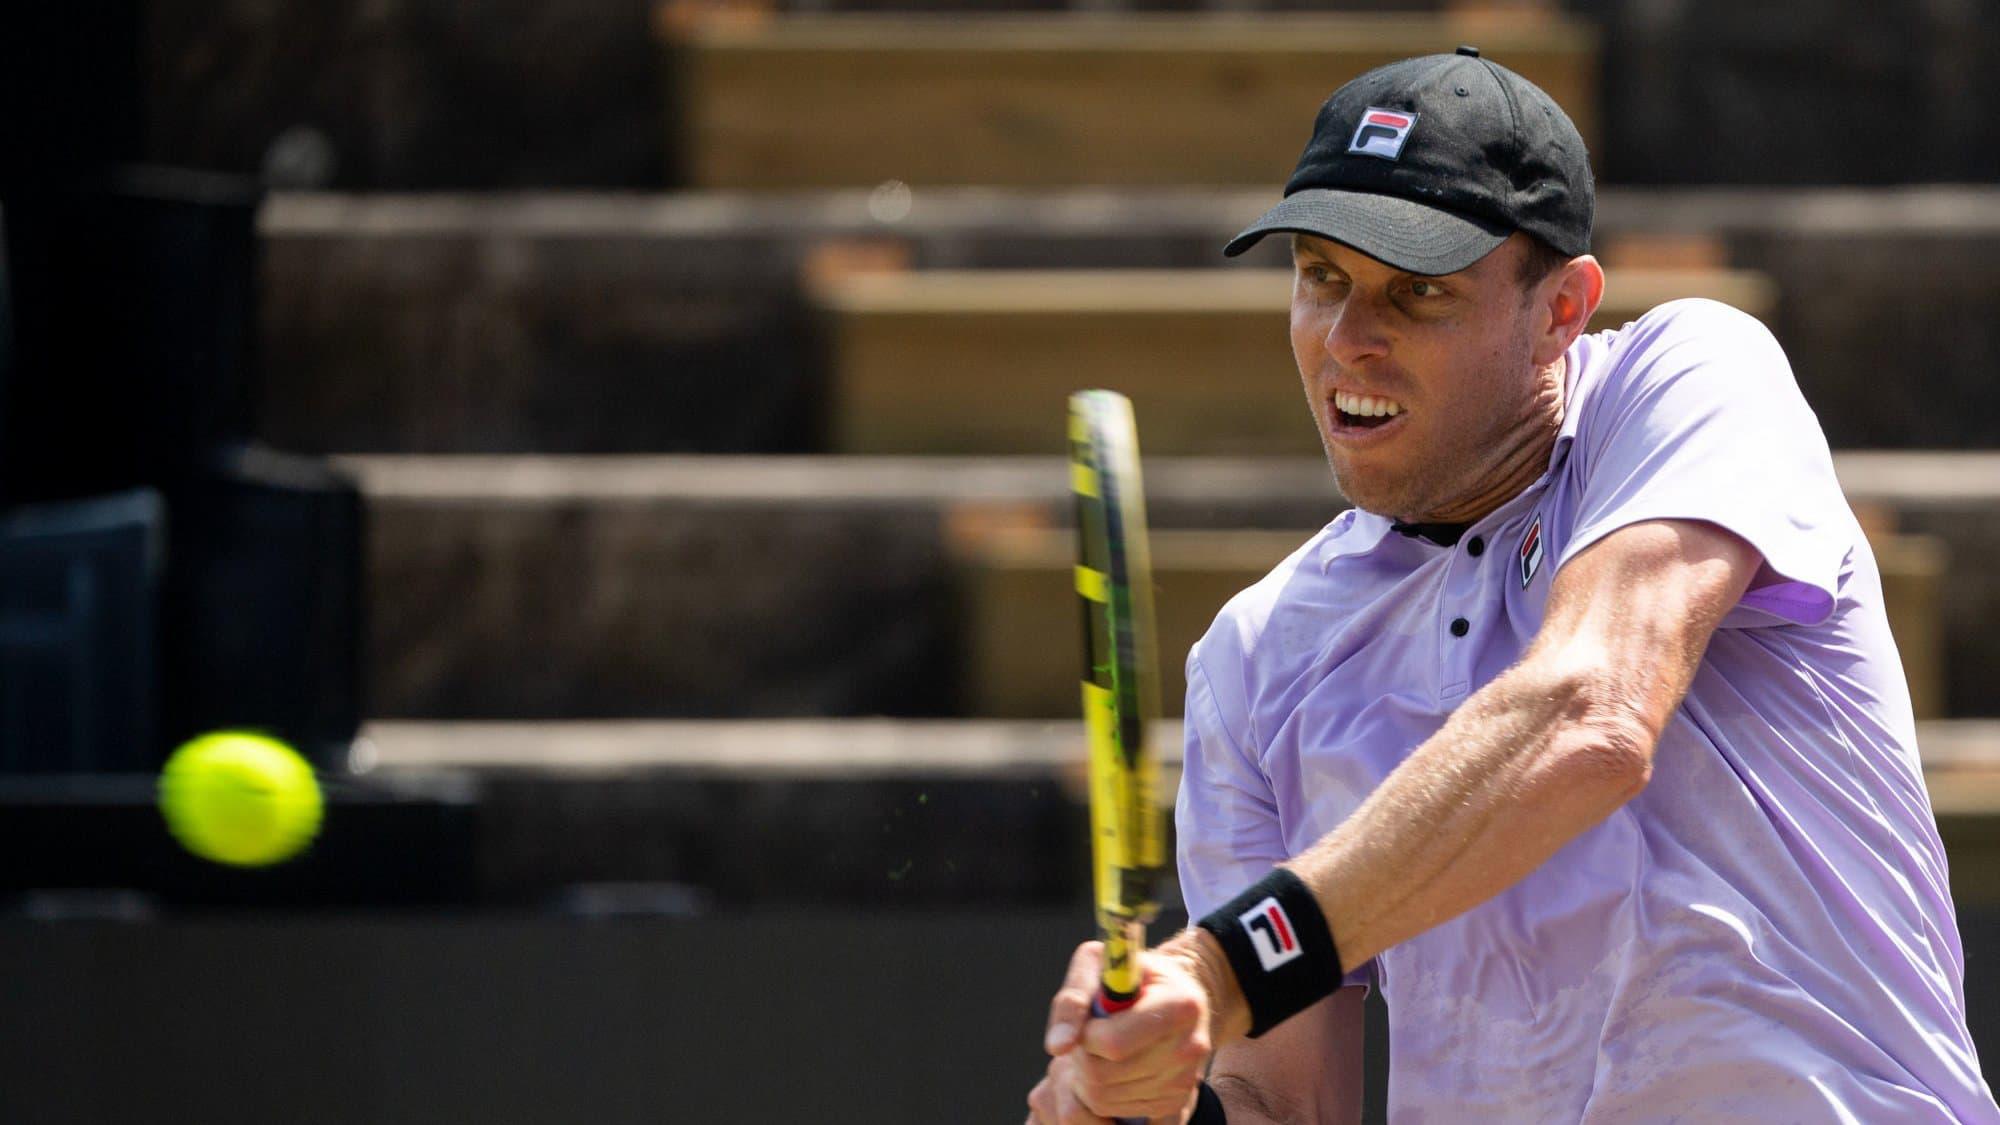 Mallorca Open 2021: Adrian Mannarino vs. Sam Querrey Tennis Pick and Prediction